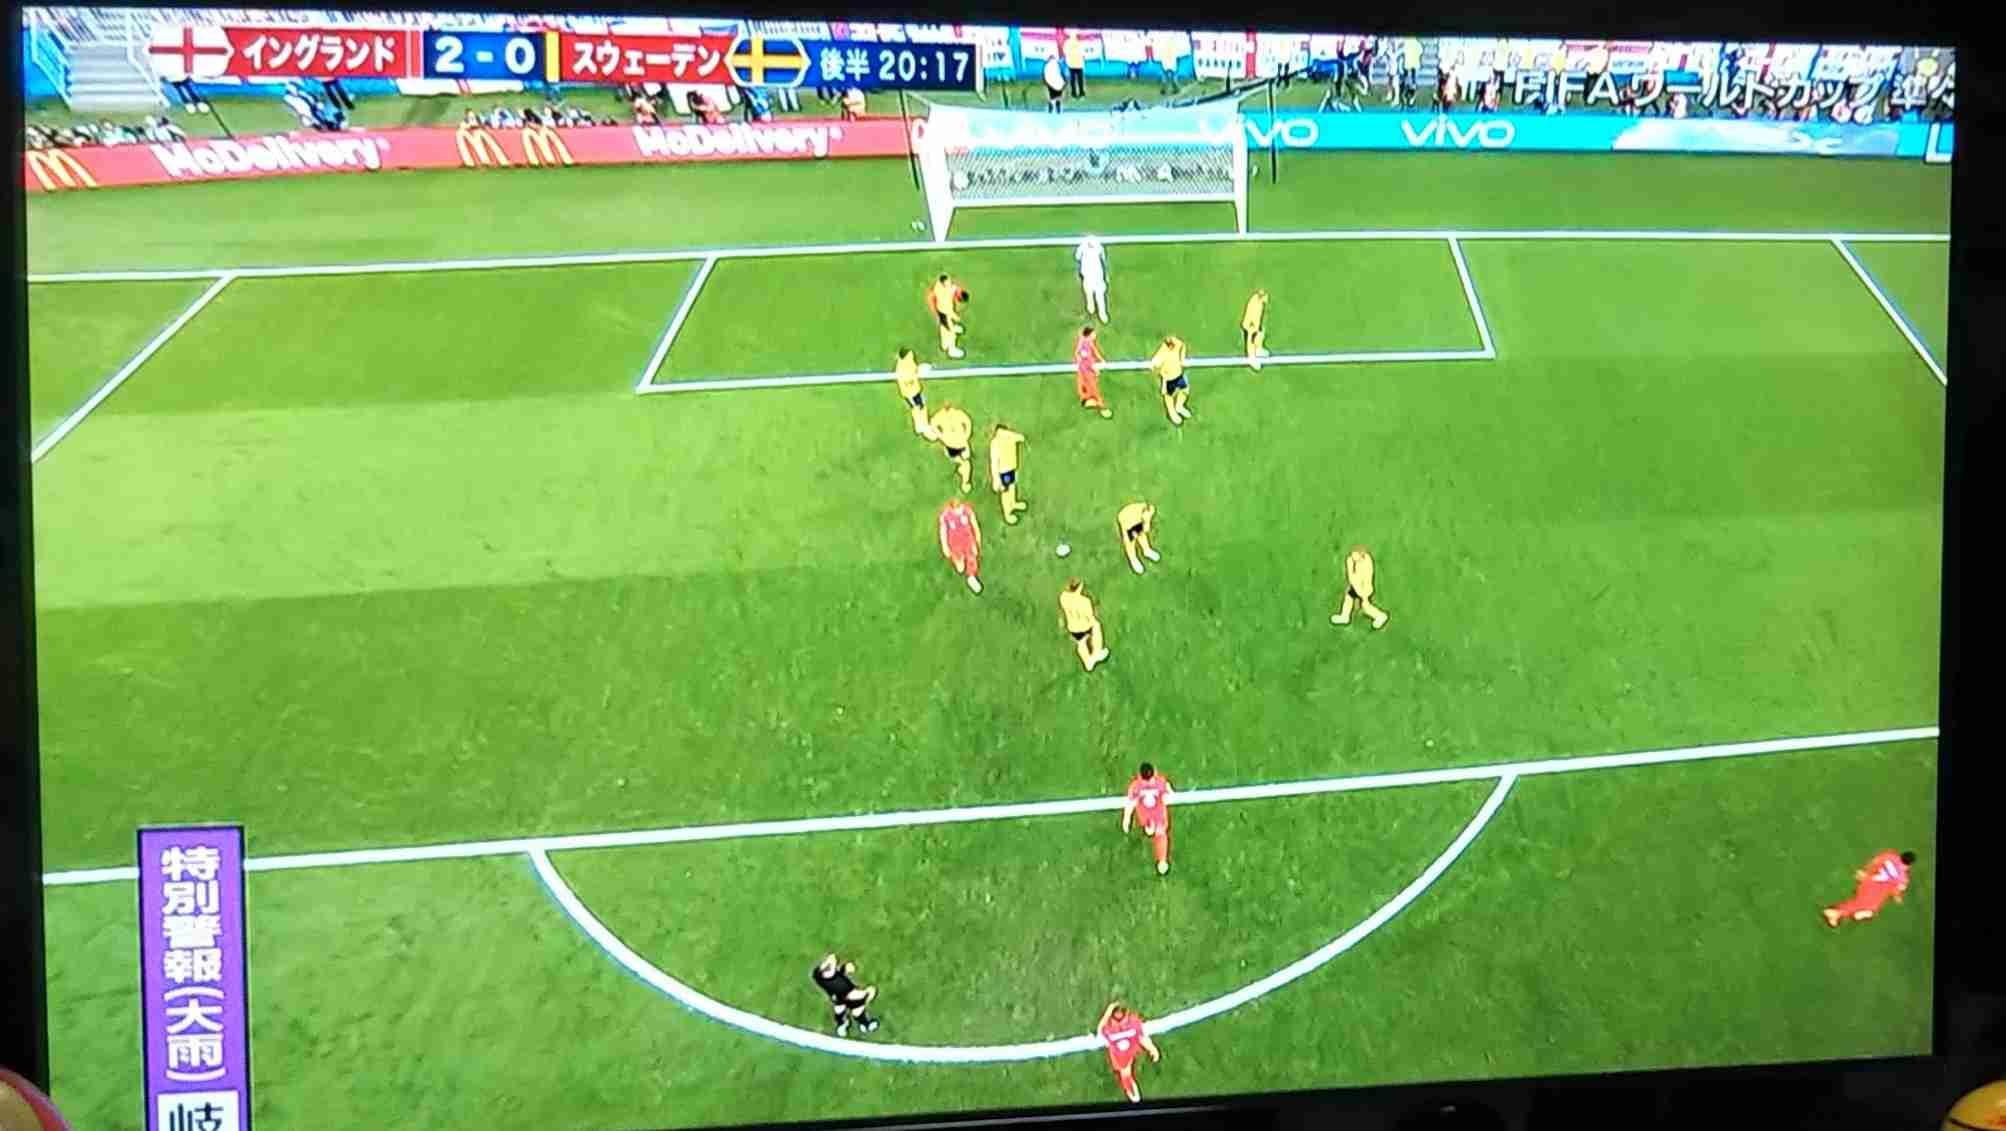 【実況・感想】ワールドカップ ロシア 準々決勝2日目